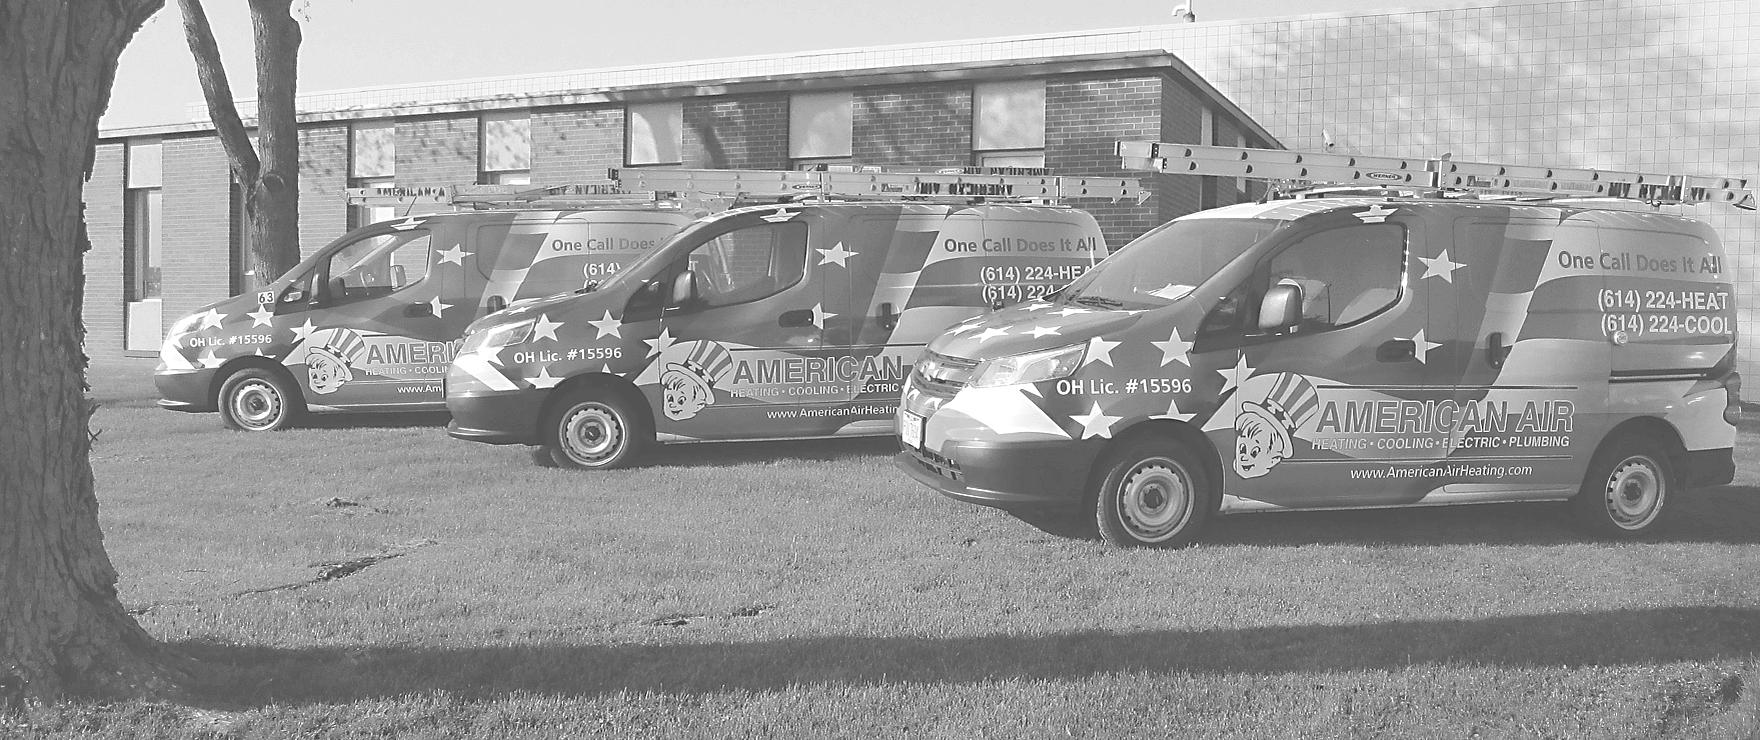 fleet of three american air work vans